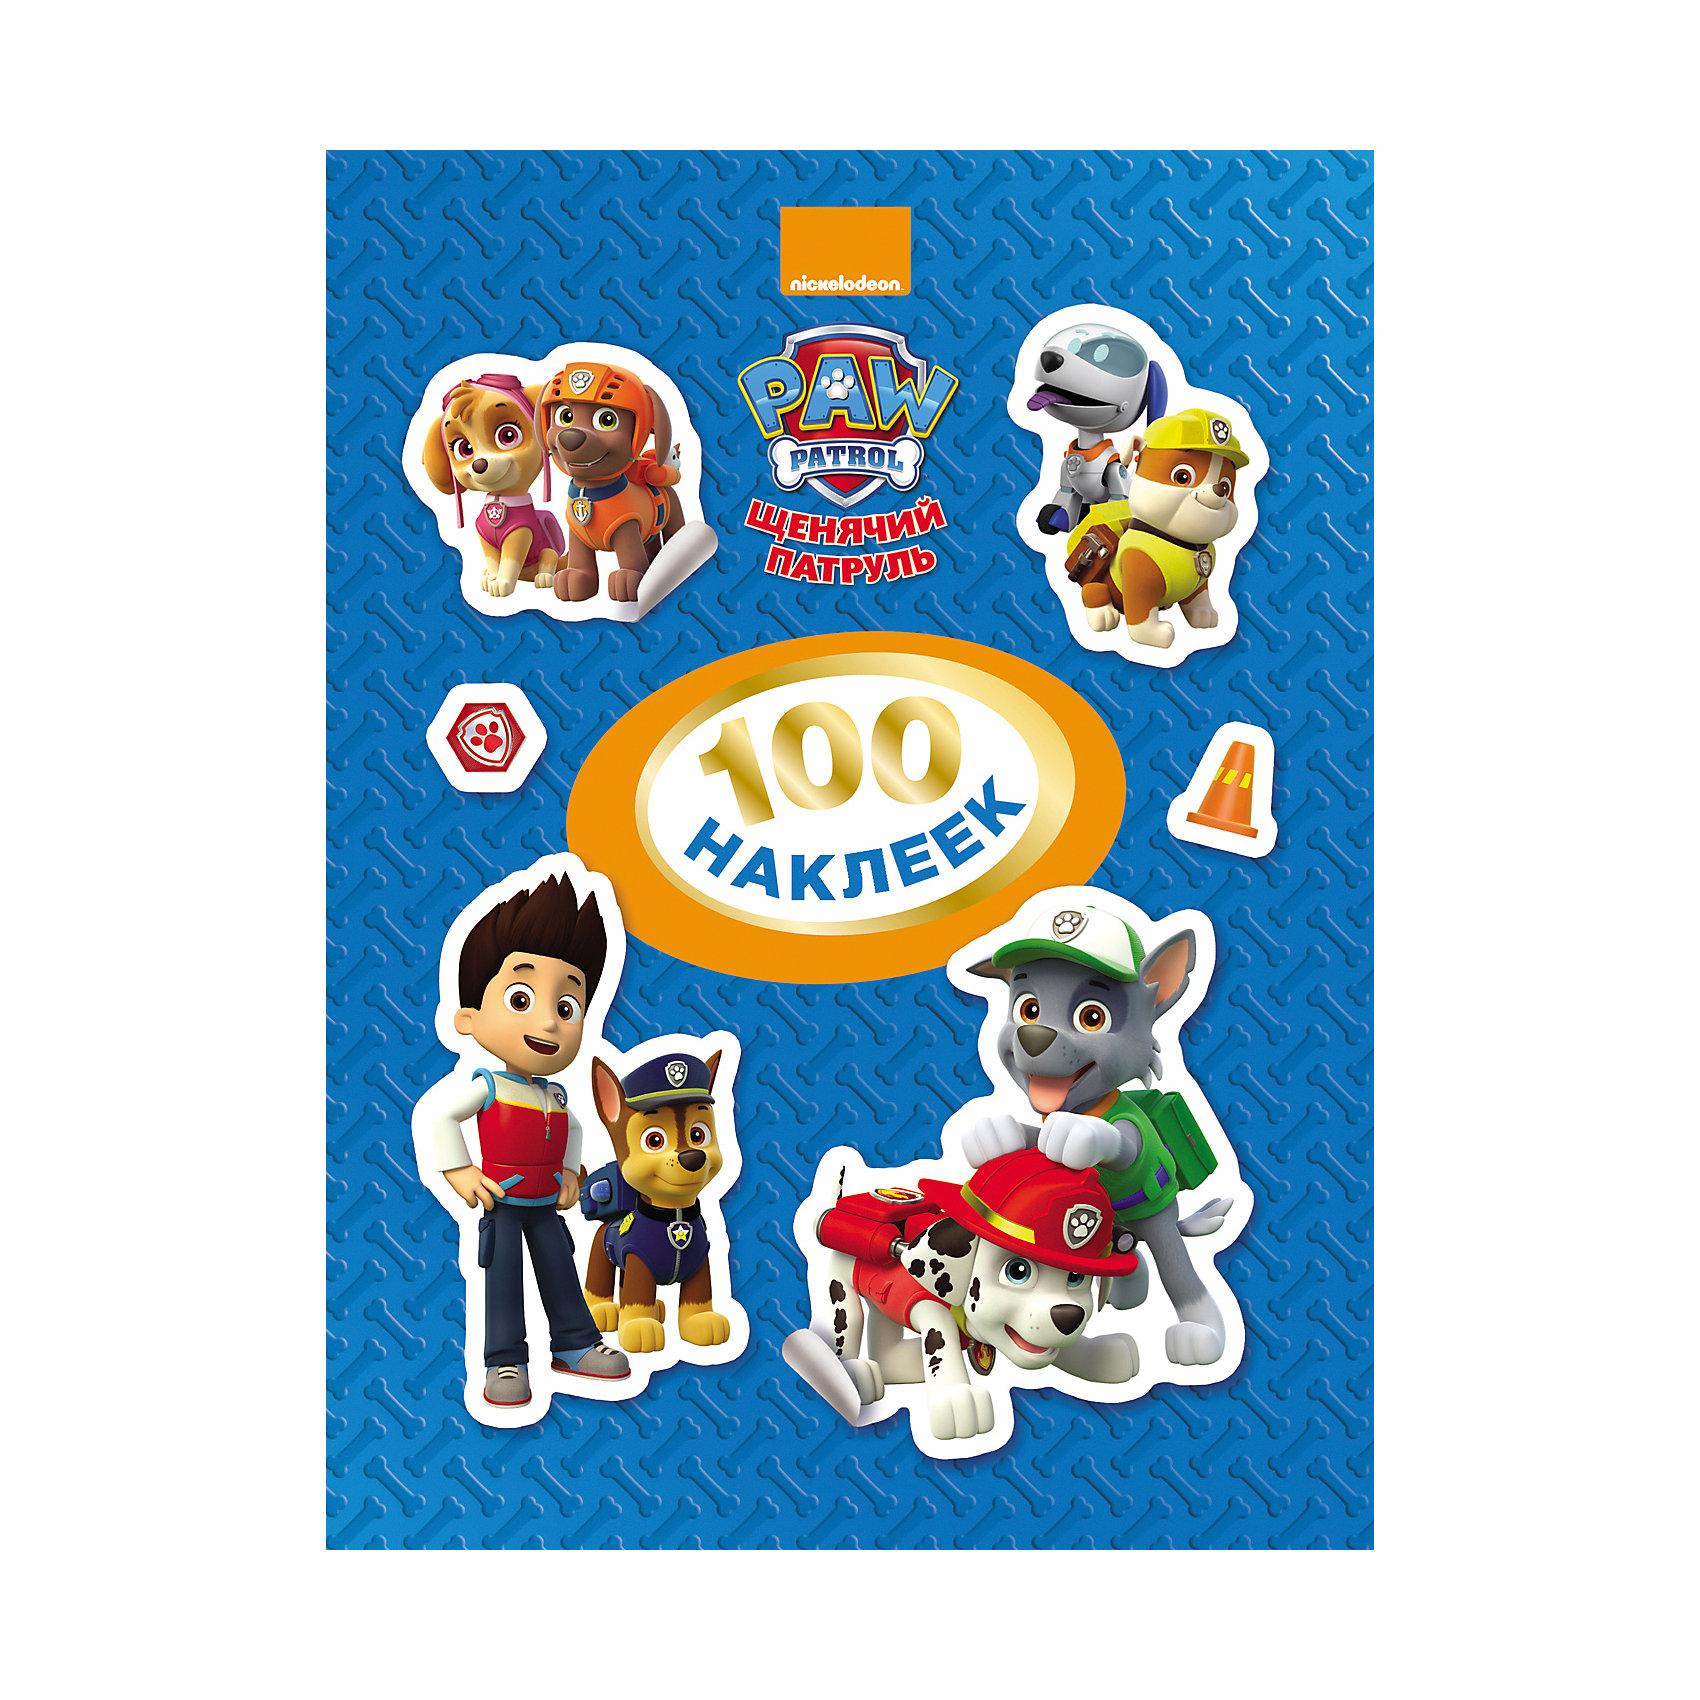 100 наклеек Щенячий патруль (синяя книга)Большая коллекция наклеек с любимыми героями мультфильма Щенячий патруль будет прекрасным подарком для Вашего ребенка!<br>В альбоме - 100 ярких наклеек, которыми можно украсить комнату, пенал или игрушки!<br><br>Дополнительная информация: <br><br>- Возраст: от 3 лет.<br>- Кол-во страниц: 8<br>- Материал: бумага.<br>- Размер упаковки: 20х15 см.<br><br>Купить 100 наклеек Щенячий патруль (синяя книга), можно в нашем магазине.<br><br>Ширина мм: 200<br>Глубина мм: 150<br>Высота мм: 1<br>Вес г: 33<br>Возраст от месяцев: 0<br>Возраст до месяцев: 96<br>Пол: Унисекс<br>Возраст: Детский<br>SKU: 4970600